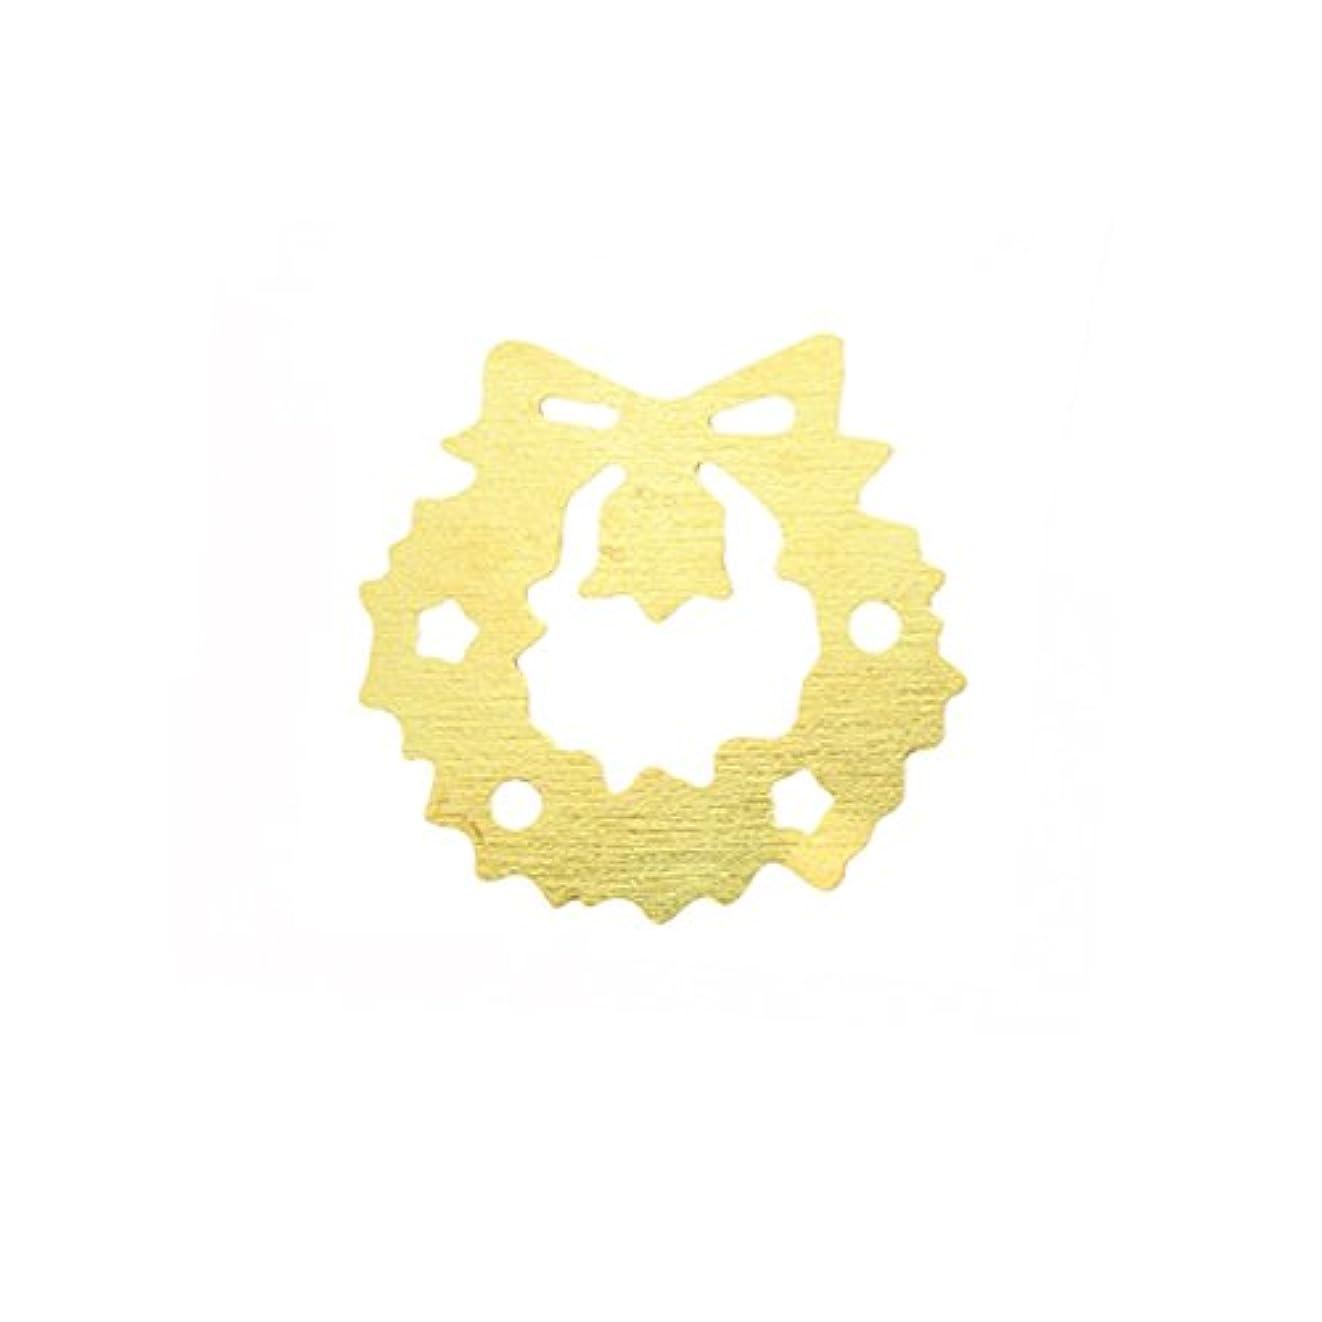 切断するペルメルドックメタルプレート(ネイルストーン デコ) クリスマスリース ゴールド (30個入り)(ネイル用品)